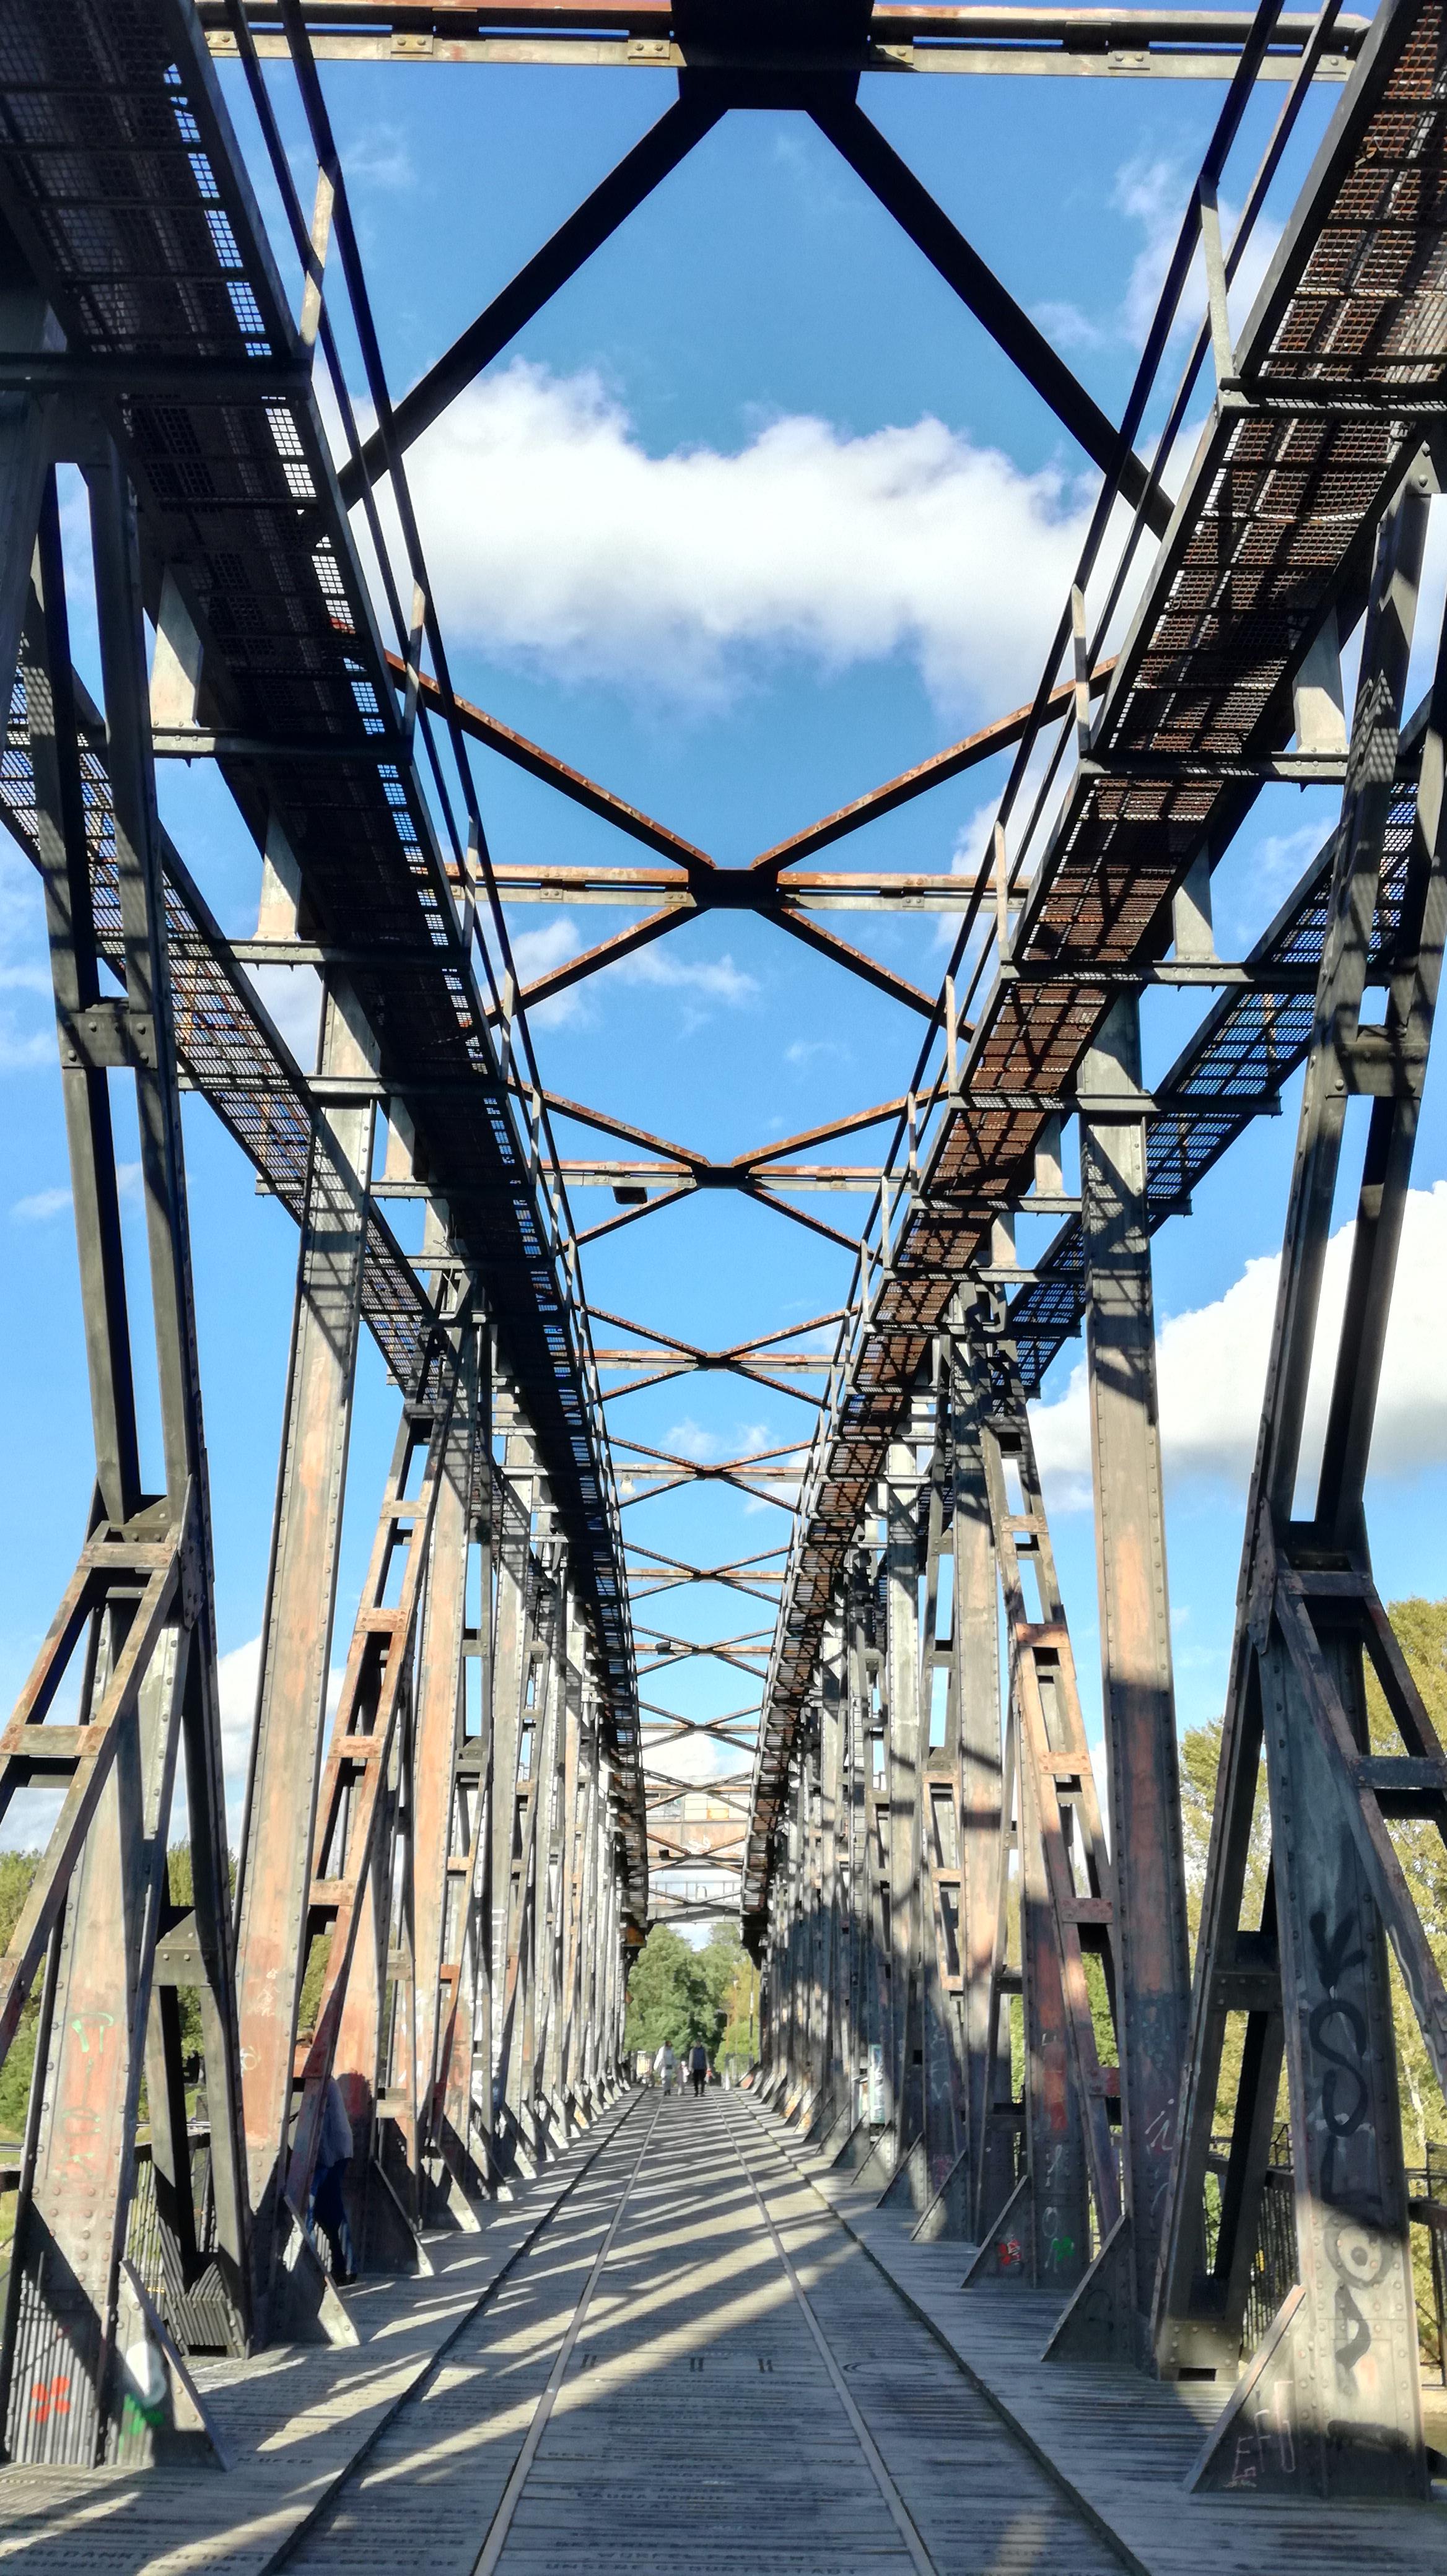 Die alte Eisenbahn-Heberbrücke ist jetzt ein Denkmal |Johannes Ulrich Gehrke